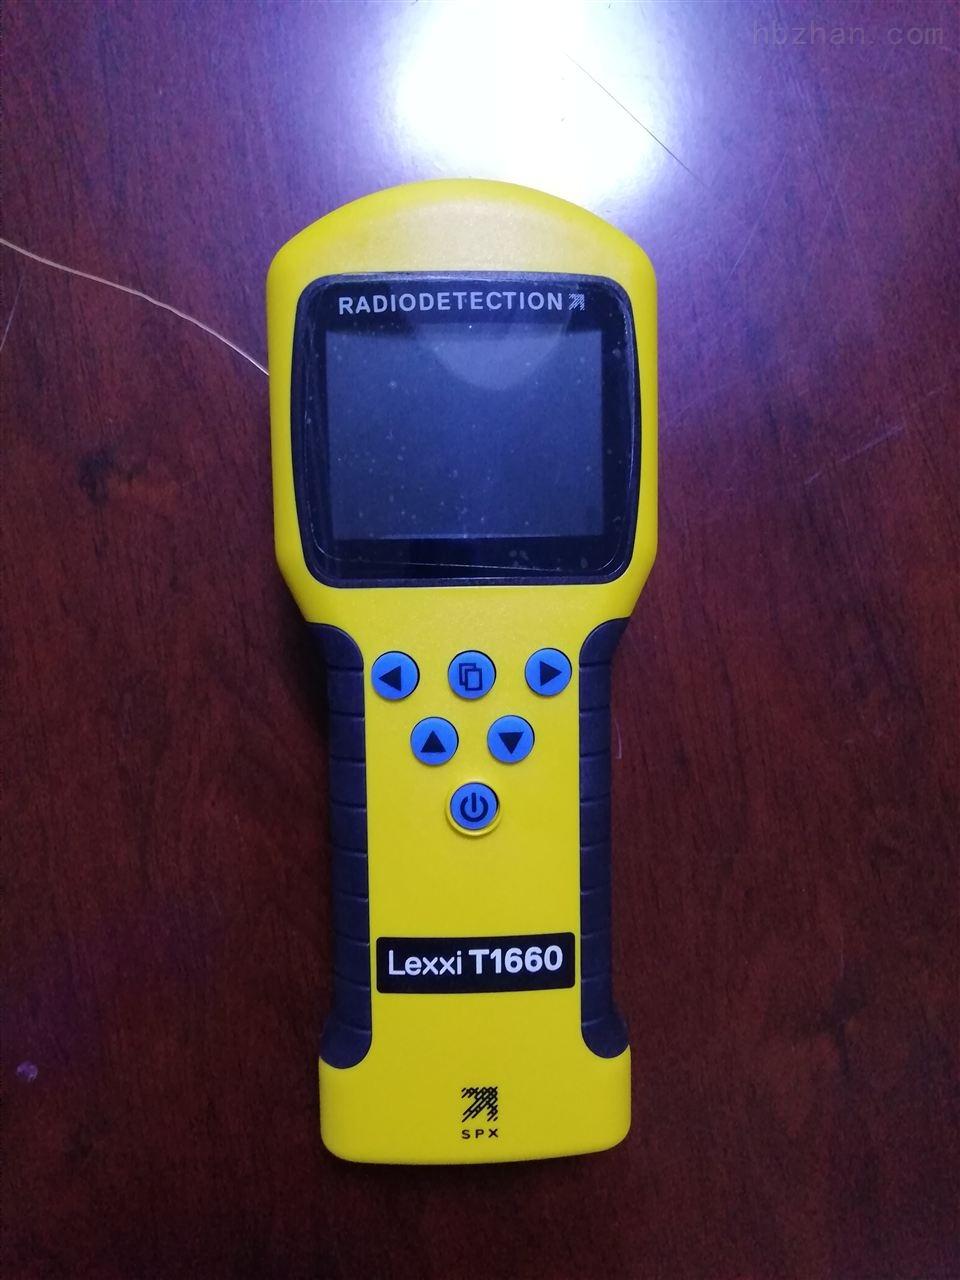 雷迪公司出品Lexxi T1660故障定位仪